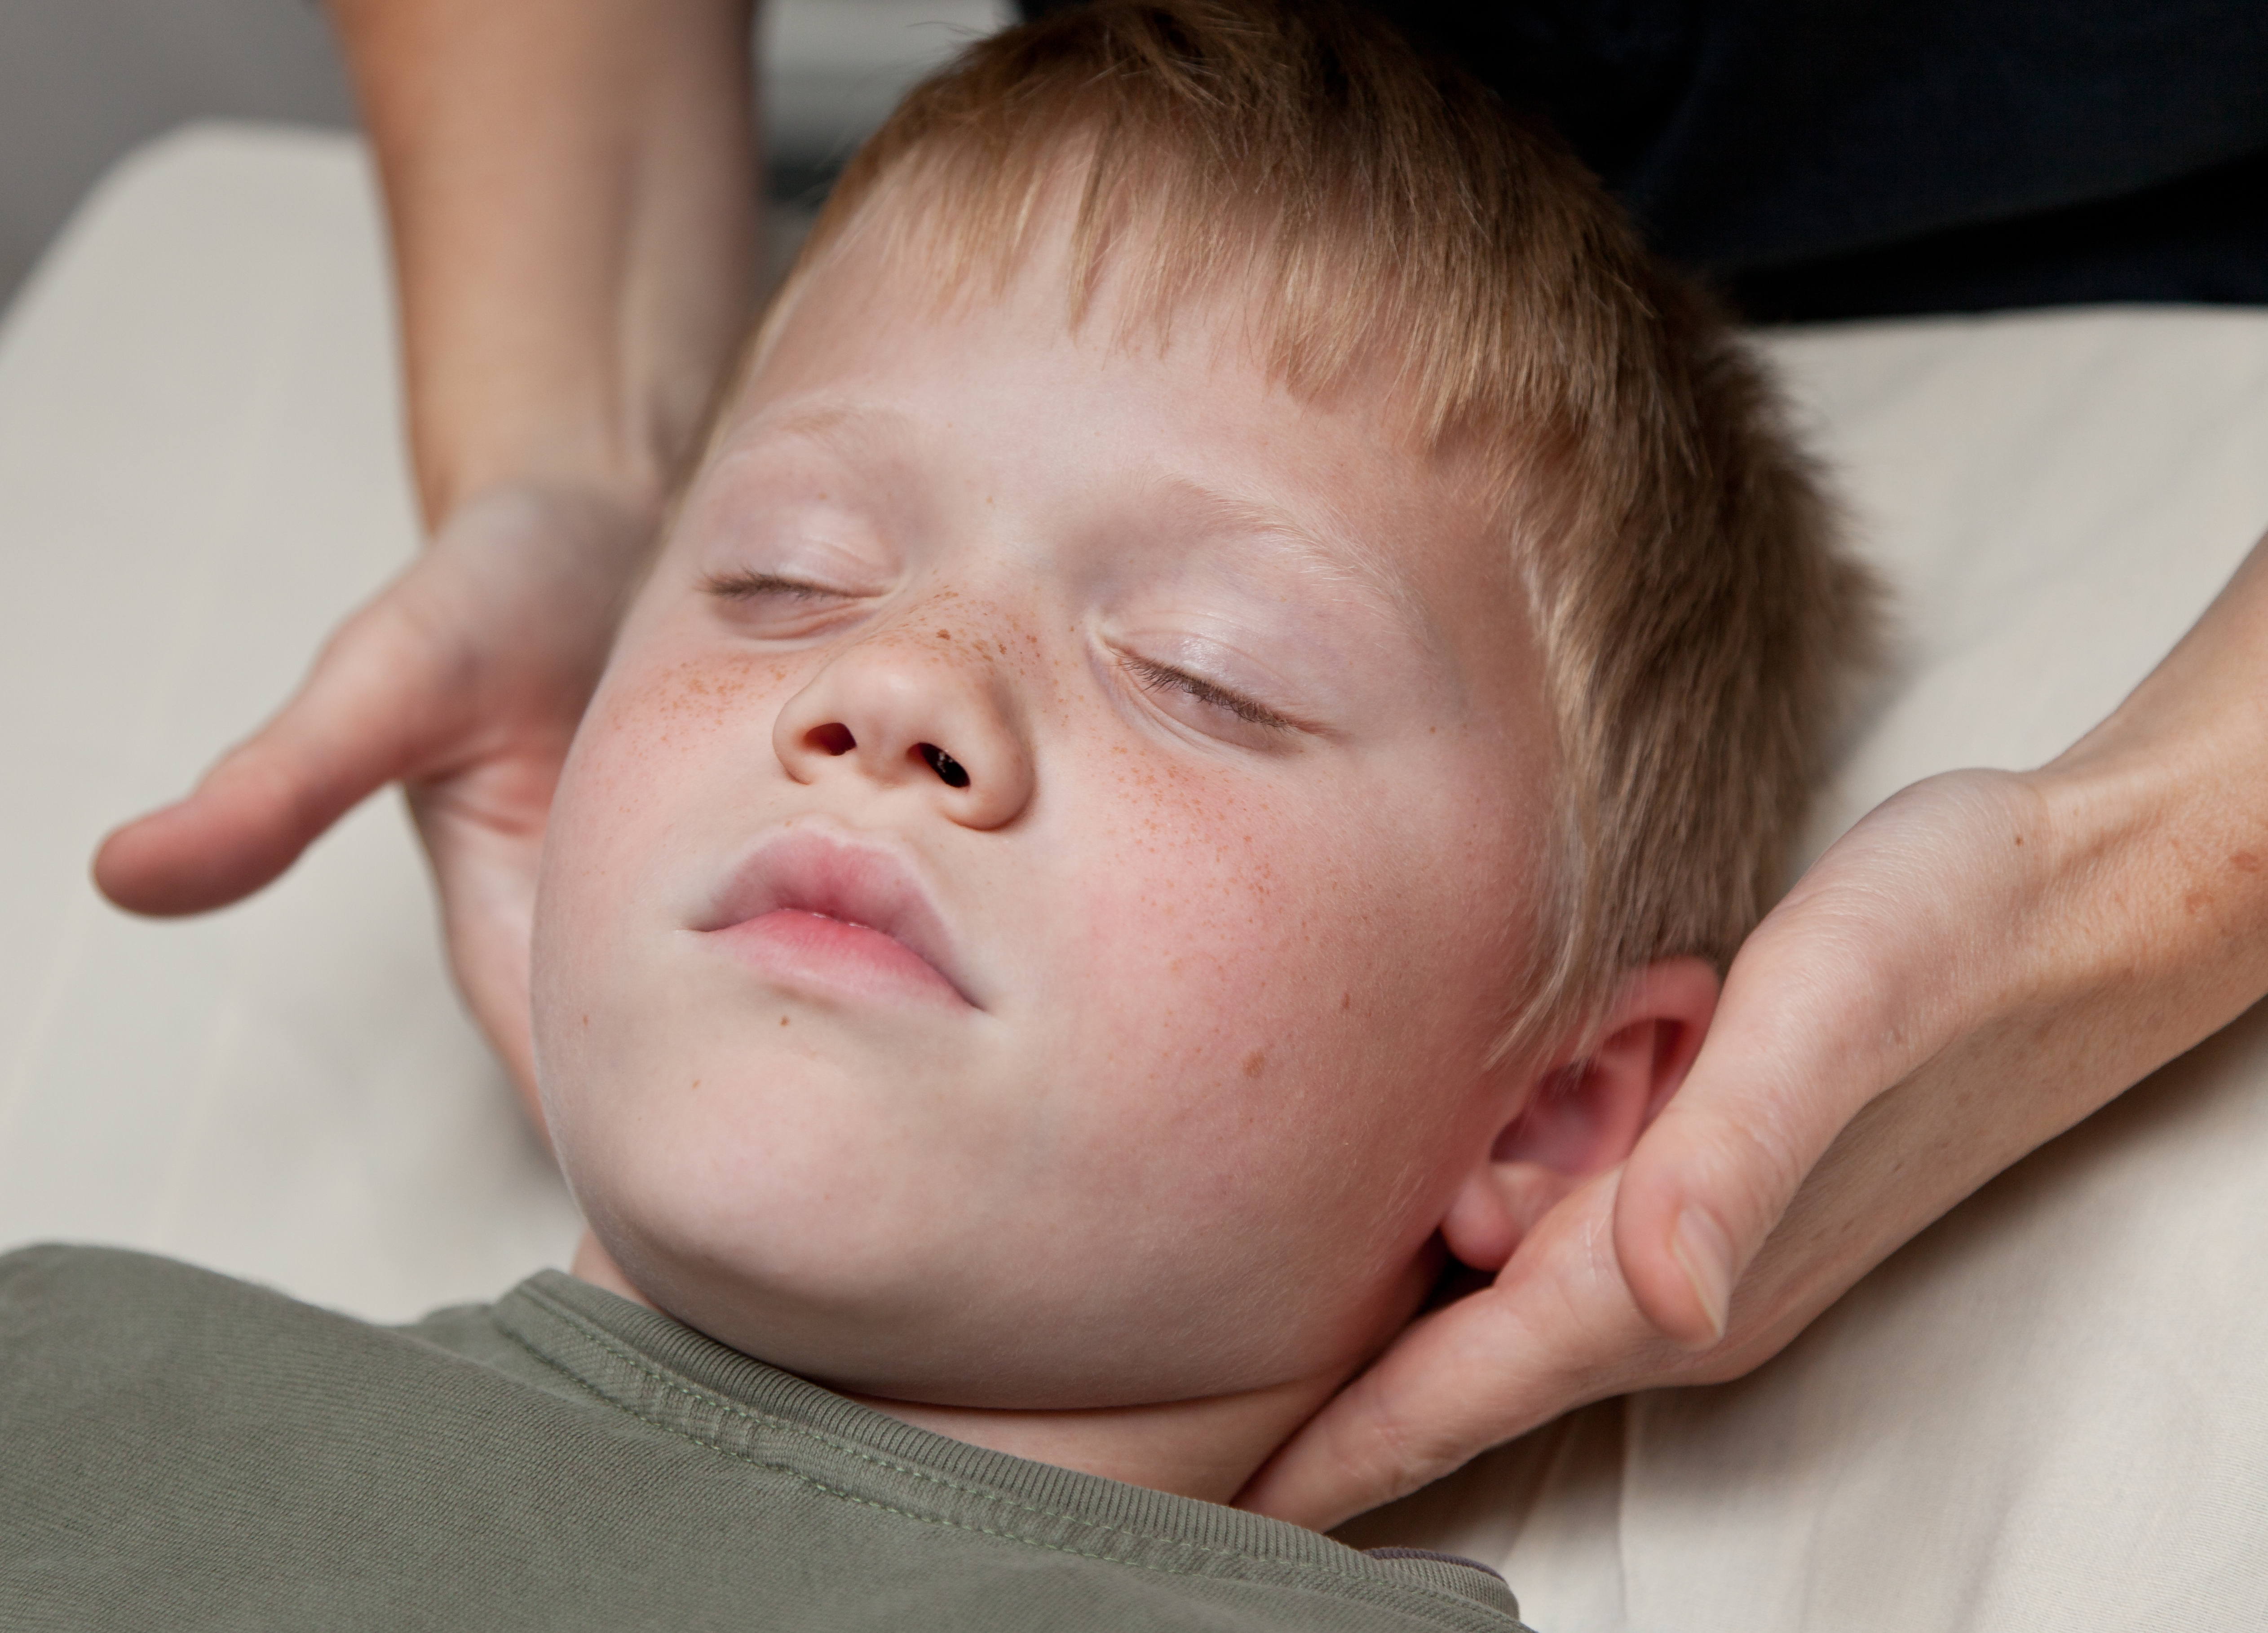 Traumer og Biodynamisk Kranio-Sakral Terapi går hånd i hånd. Barnet har brug for hjælp til at forløse → eksamineret børne terapeut LisHauge.dk